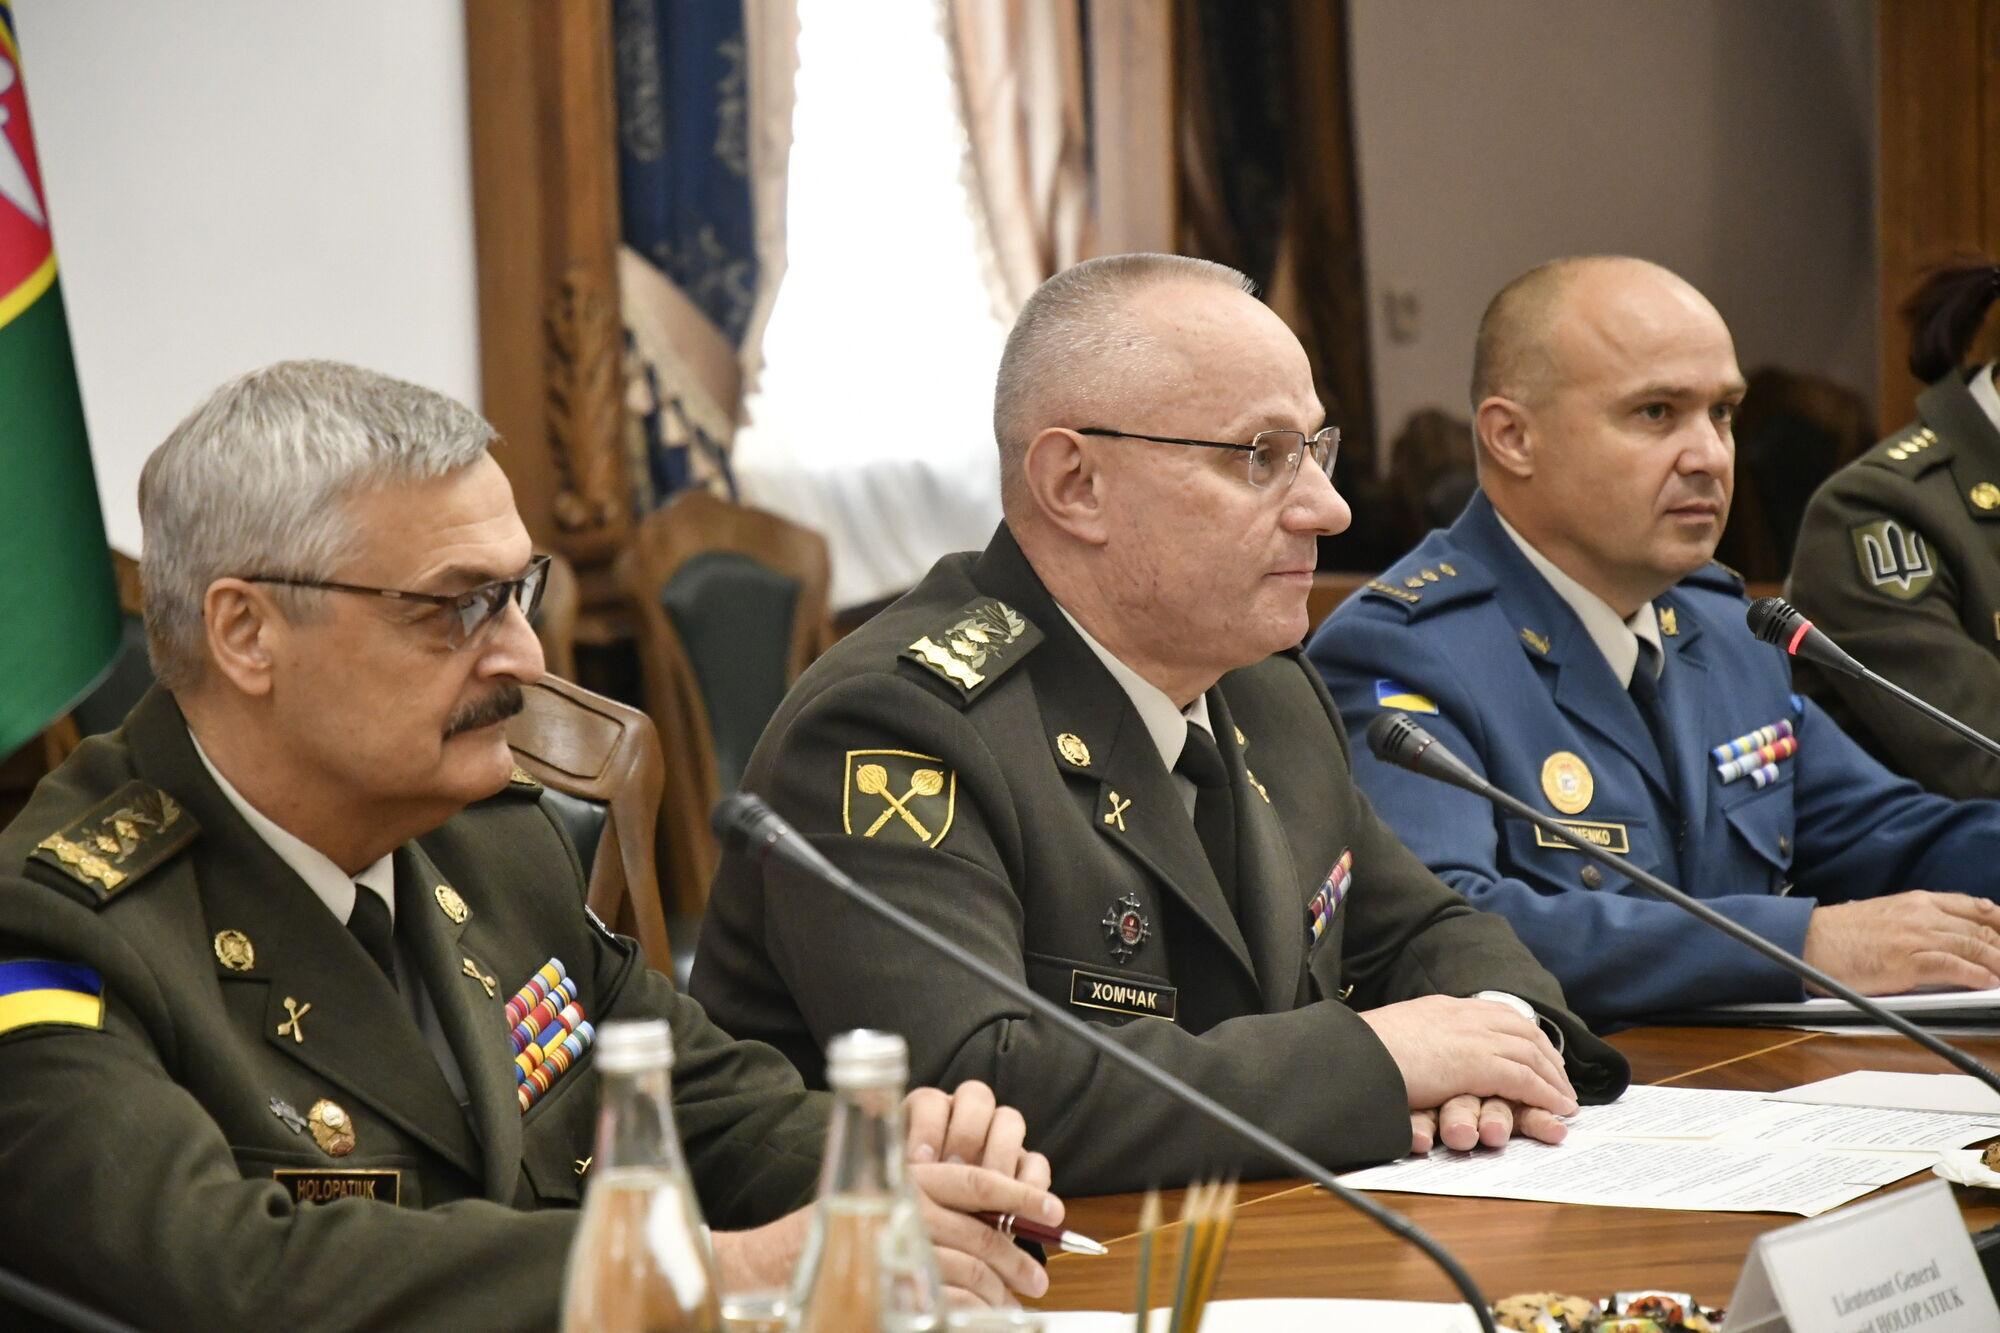 Головнокомандувач Збройних Сил України генерал-полковник Руслан Хомчак під час офіційної зустрічі з іноземною делегацією в Генеральному штабі ЗСУ